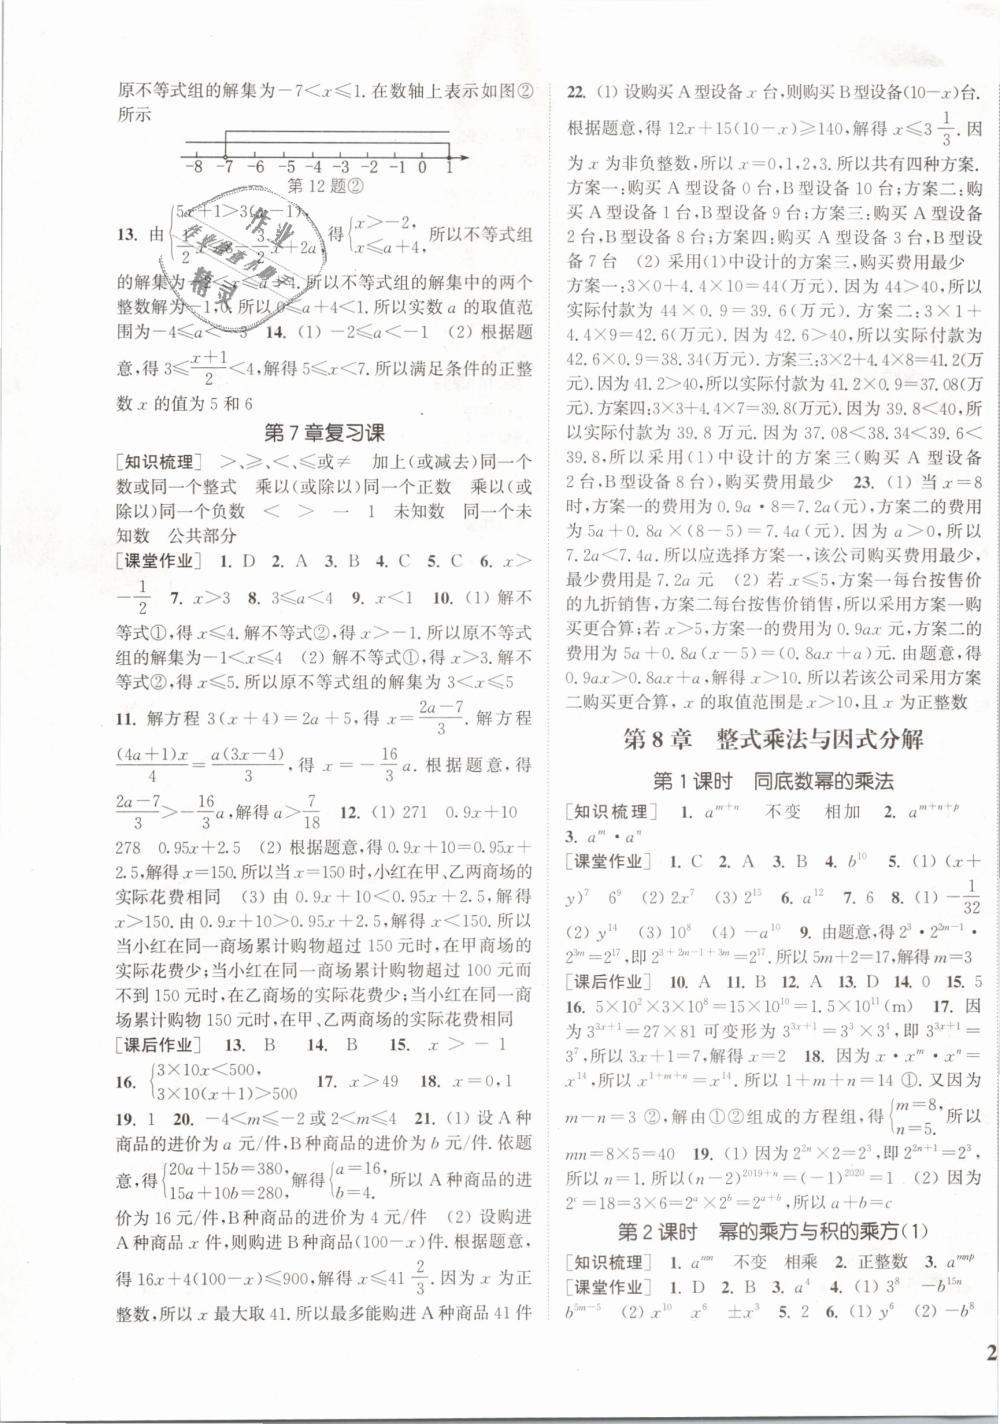 2019年通城学典课时作业本七年级数学下册沪科版第5页